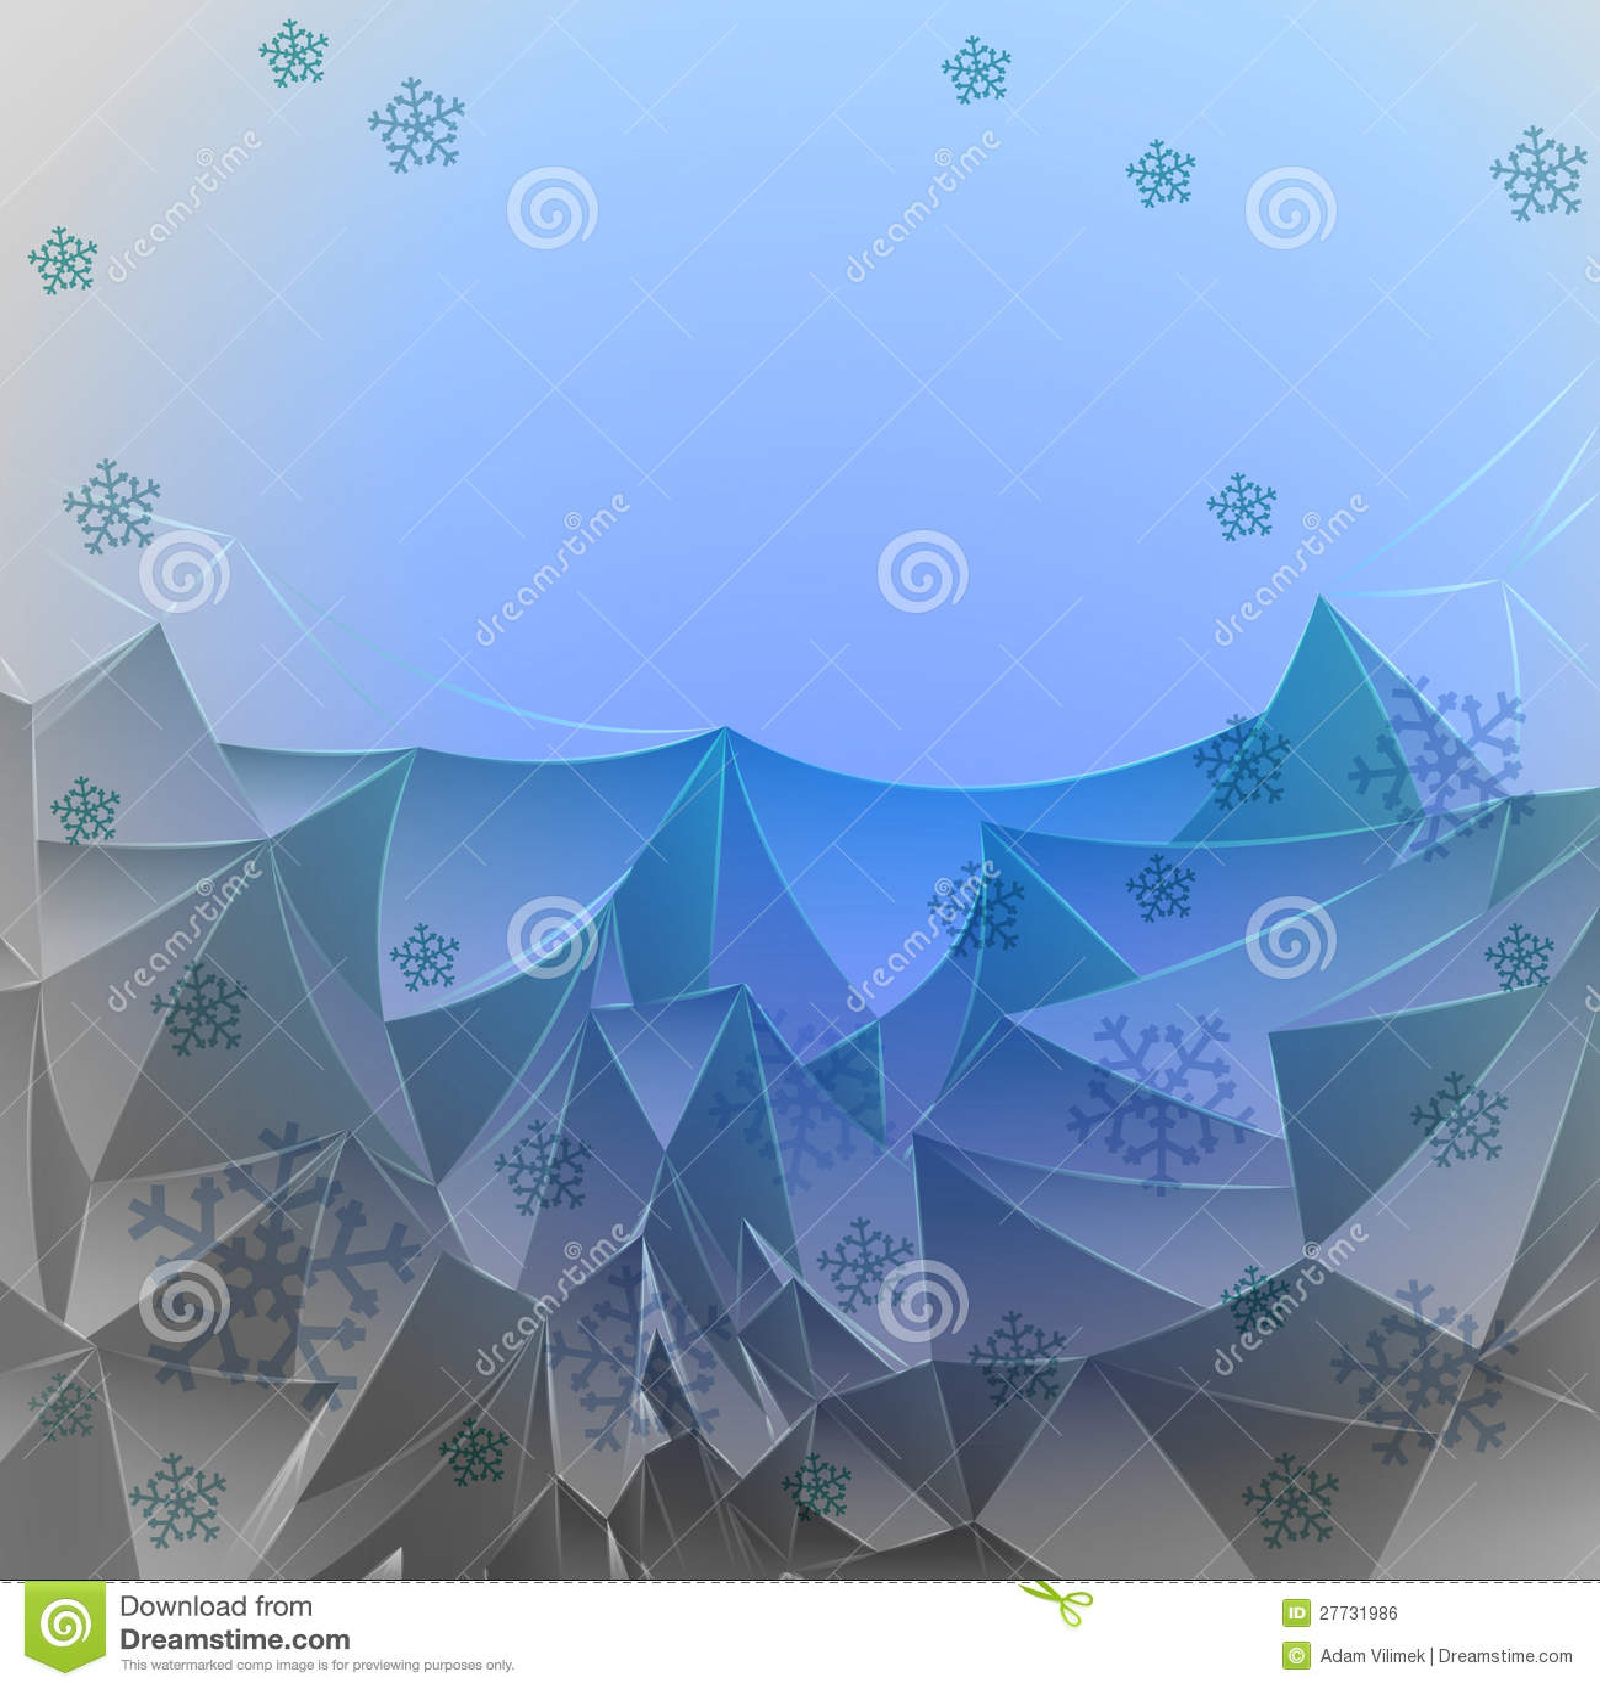 Abstrakte blaue eisige Berge mit Schnee